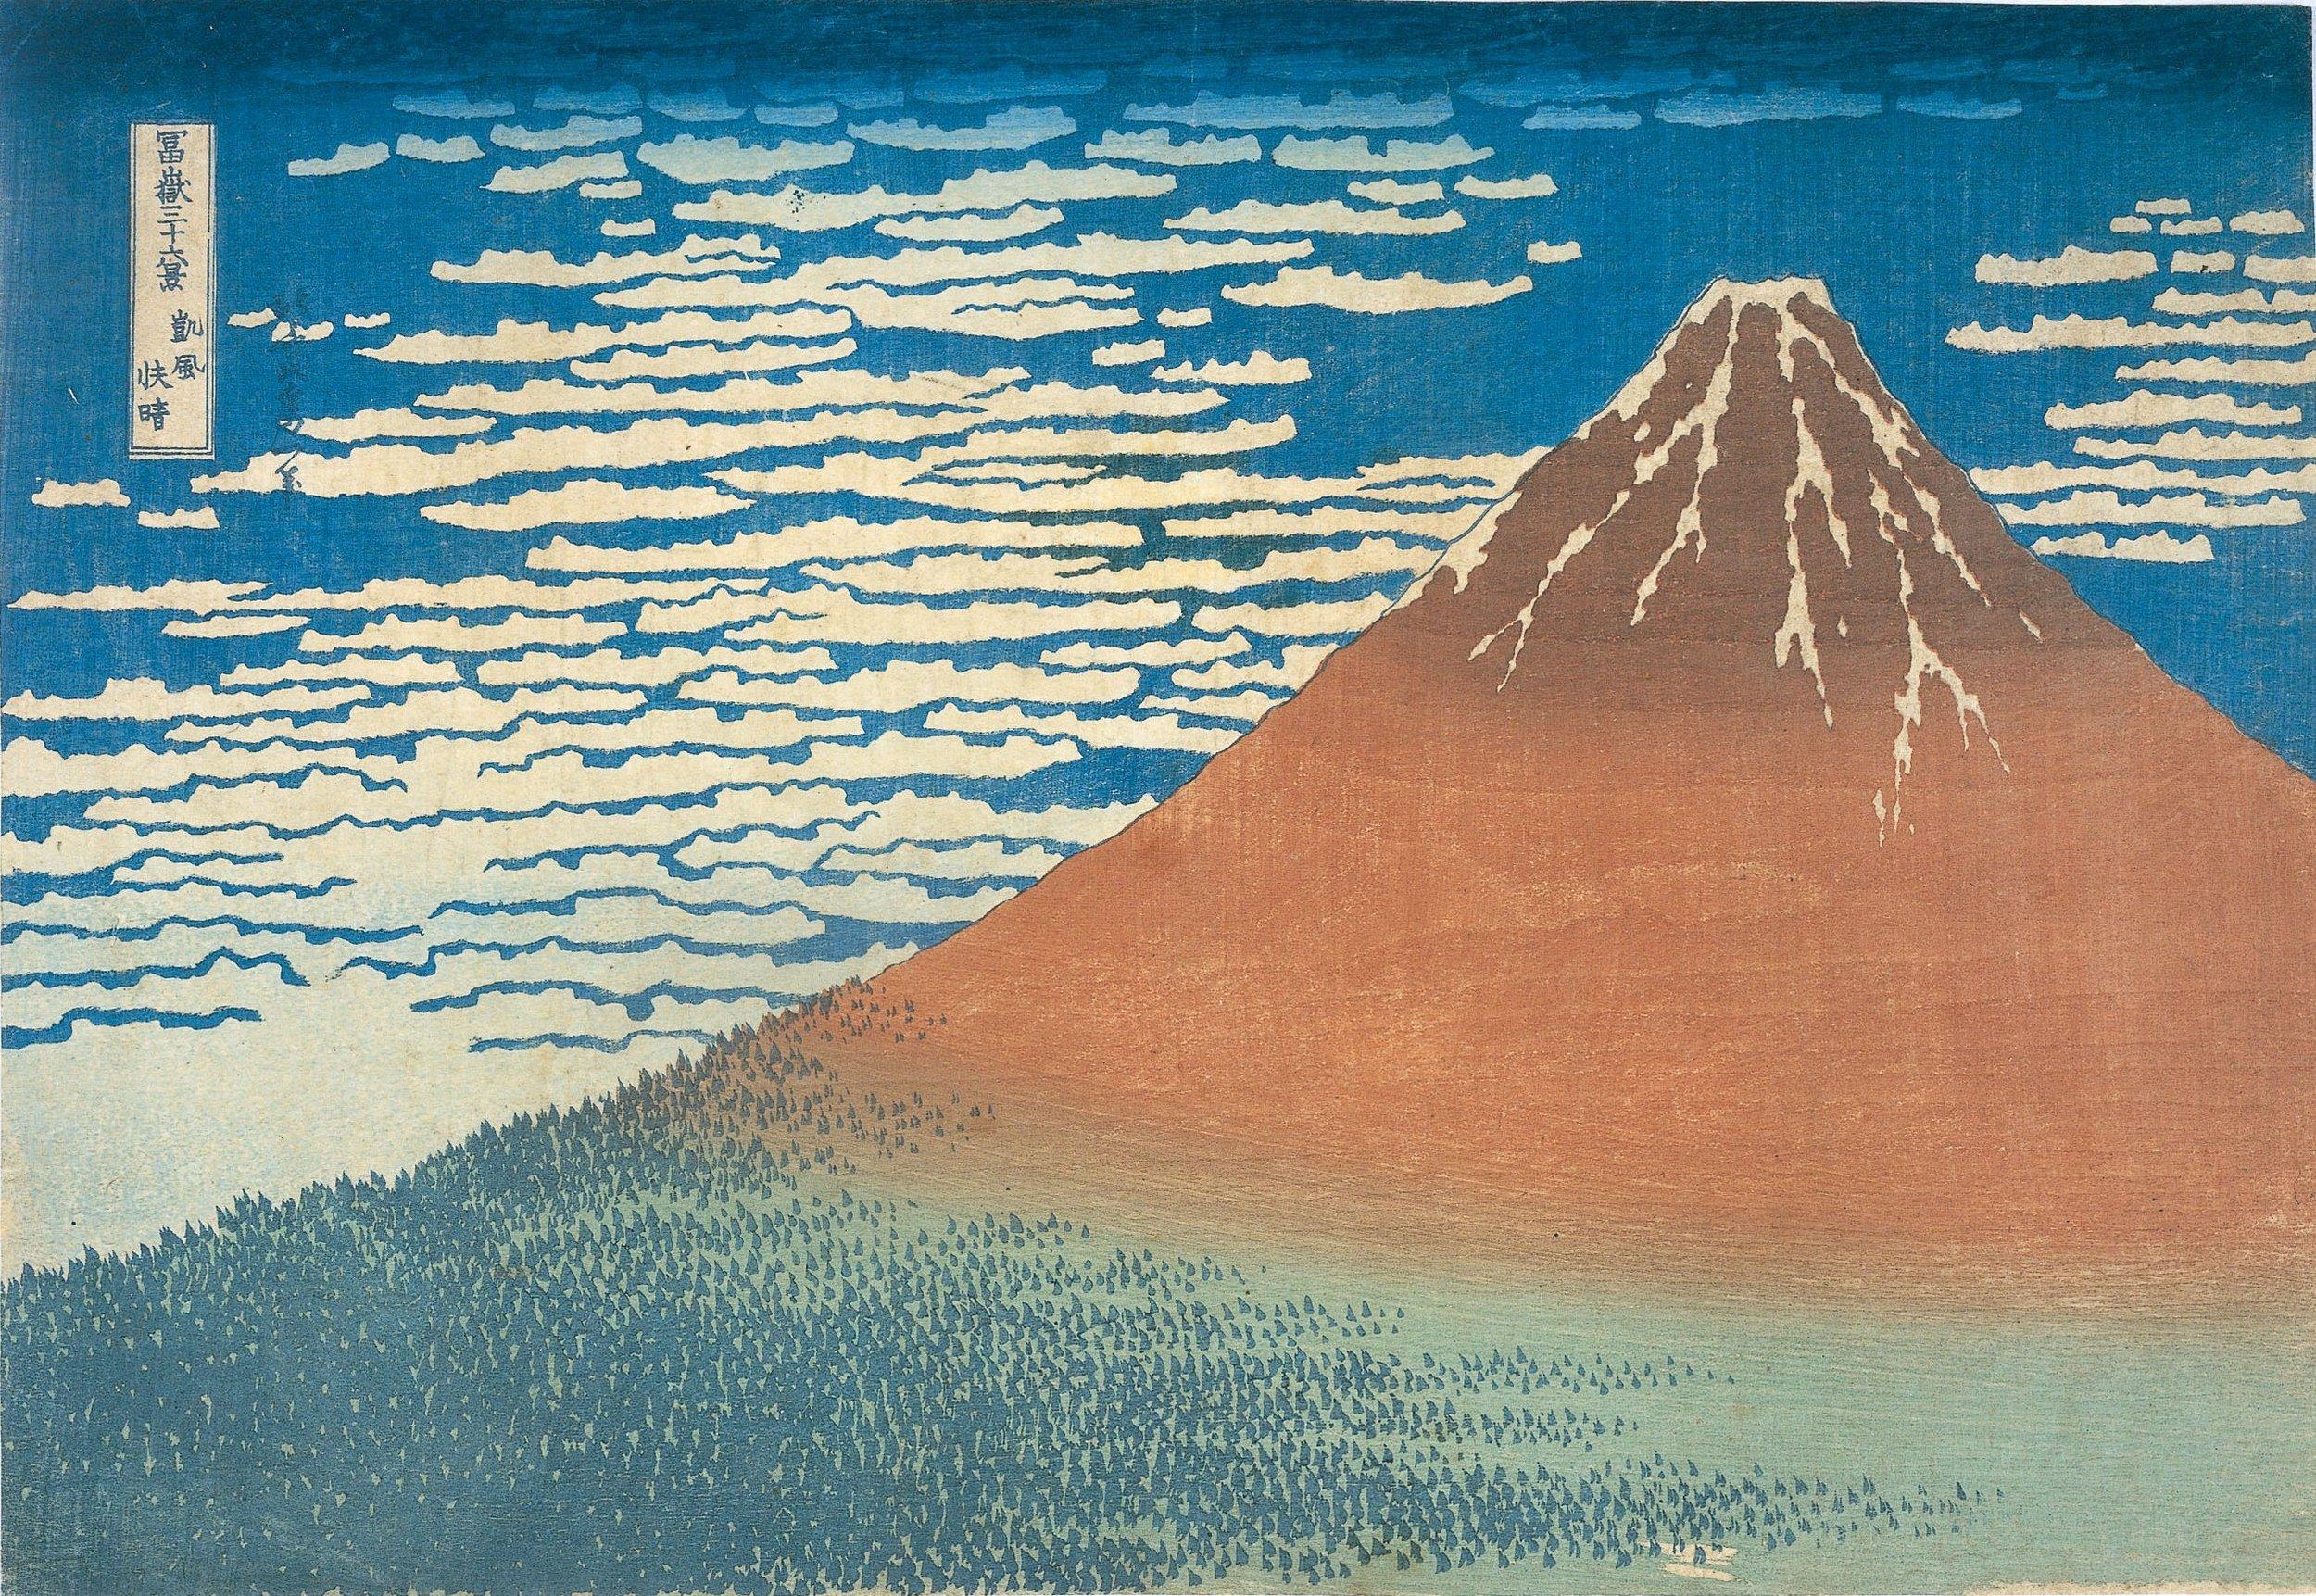 葛饰北斋 - 《富岳三十六景》之《凯风快晴》